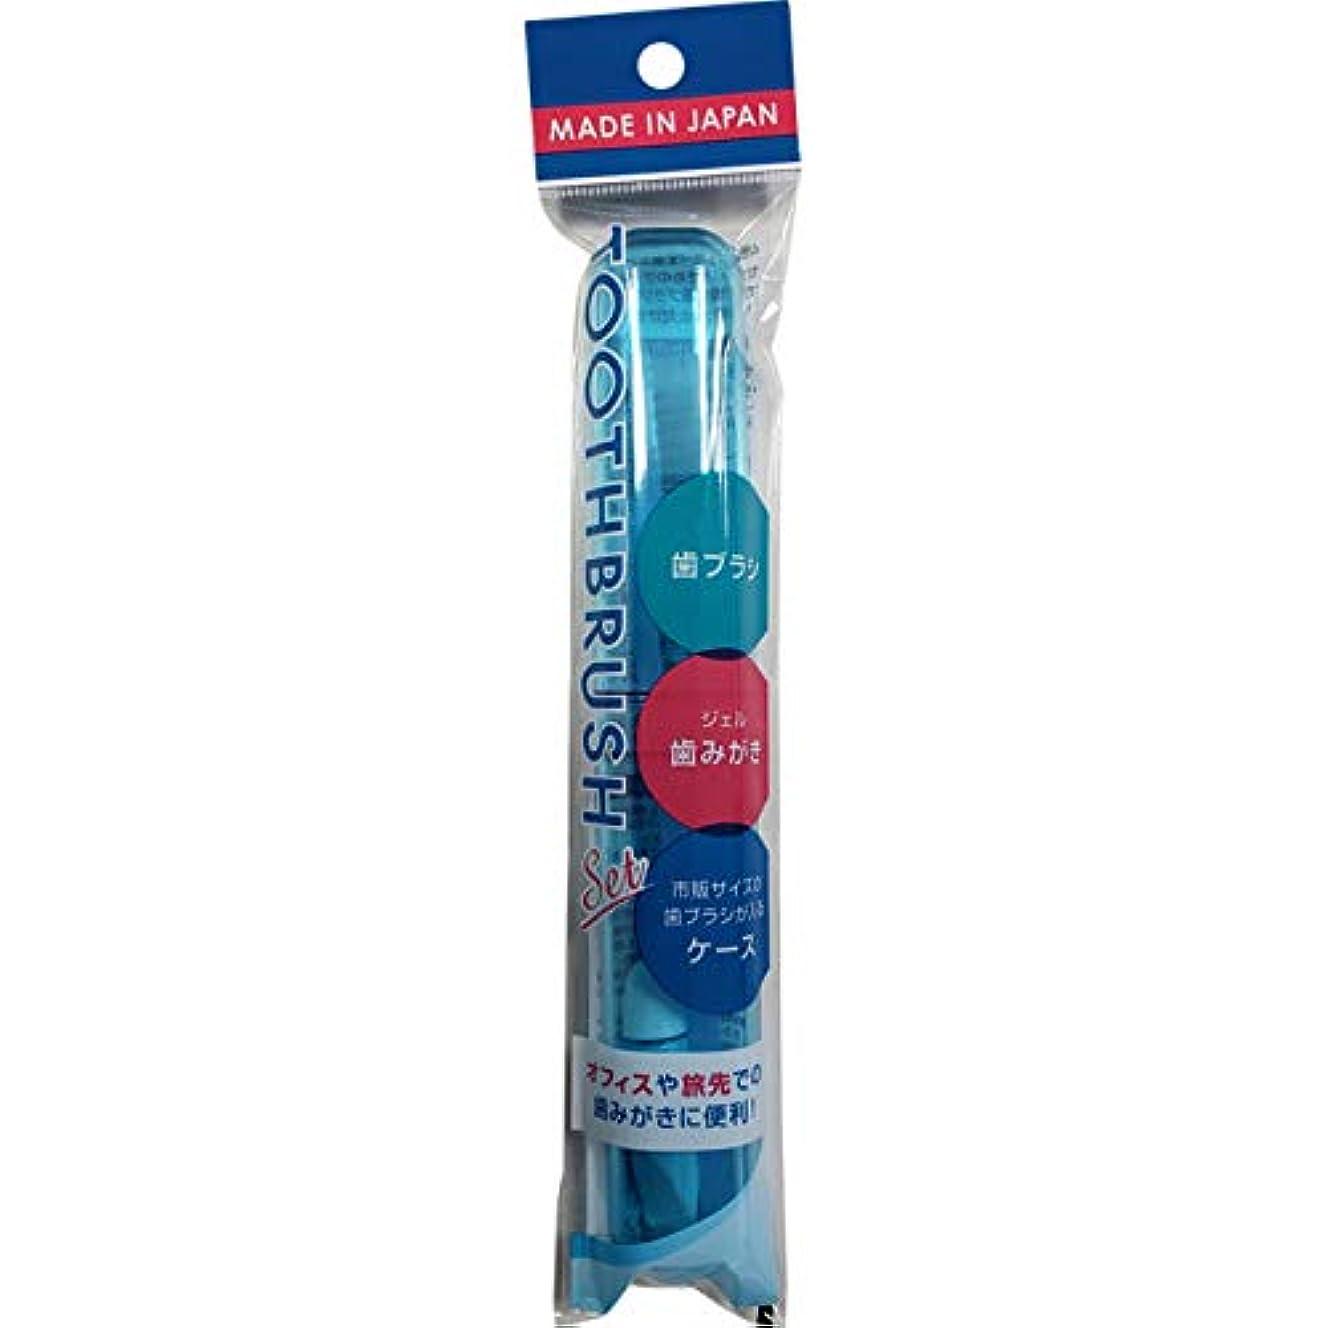 獲物勇気のある刈り取る【8個セット】歯ブラシ&ジェル歯みがきケースセット